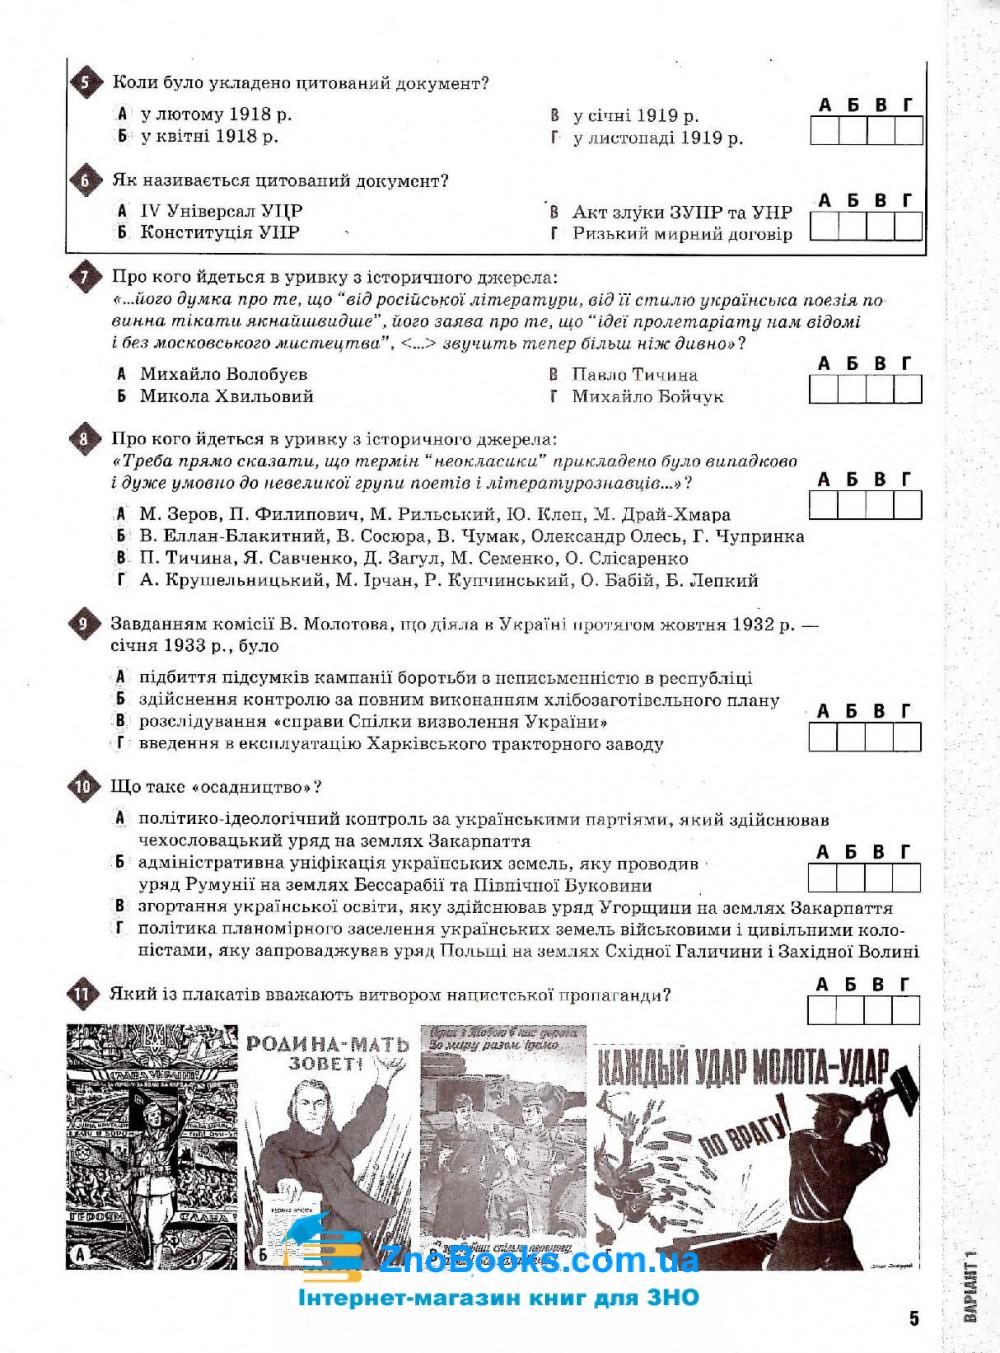 Історія України. Тестові завдання у форматі ЗНО 2021: Гук О. Освіта. купити 4